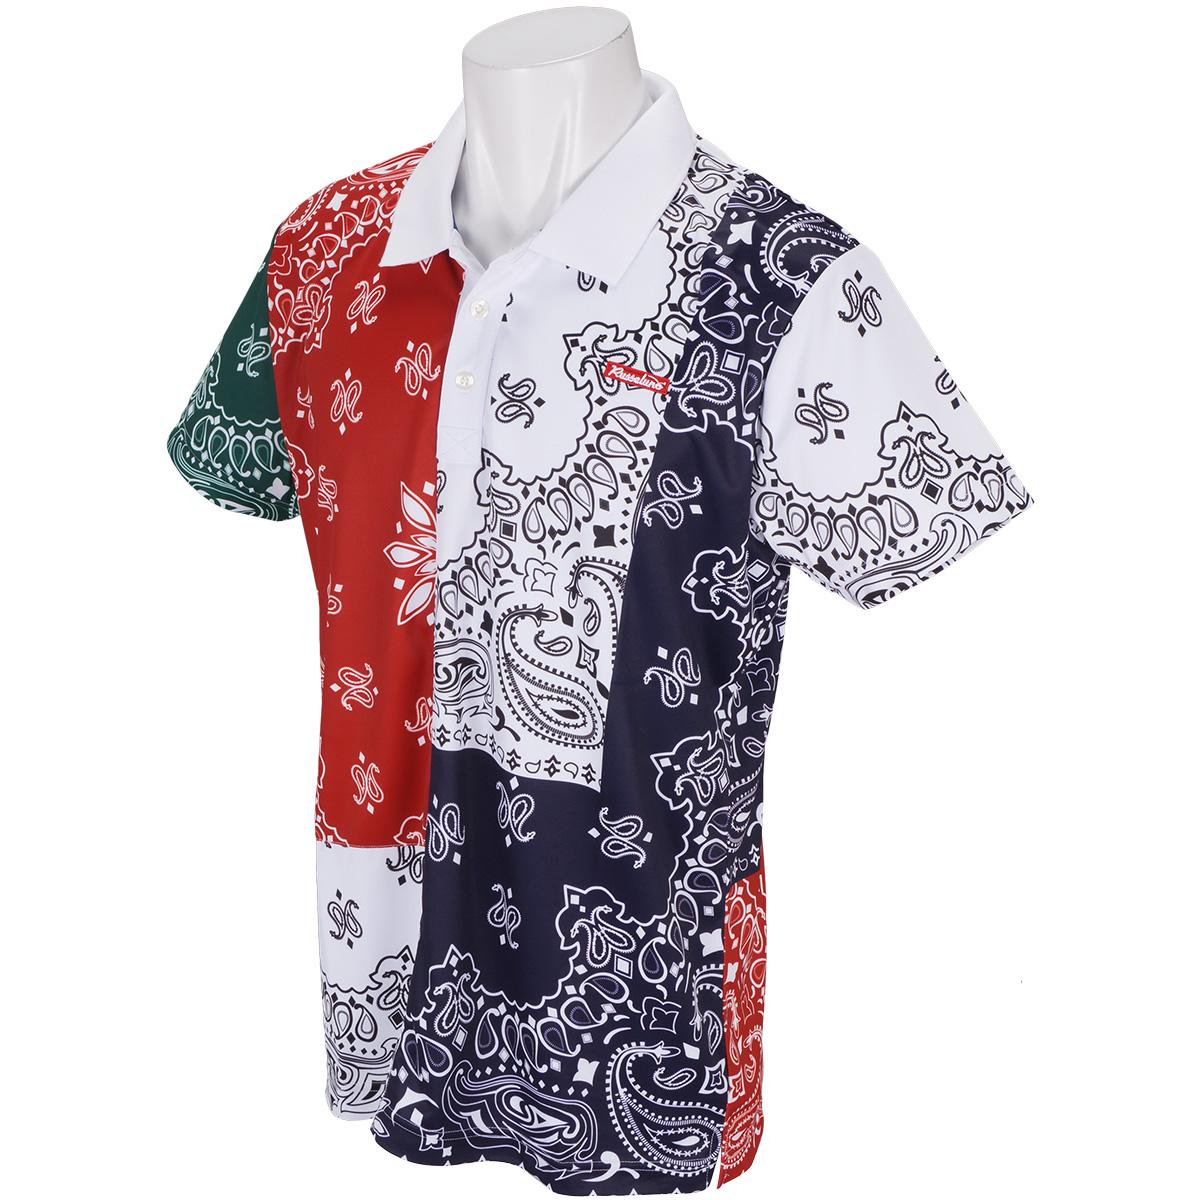 クレイジーペイズリー半袖ポロシャツ